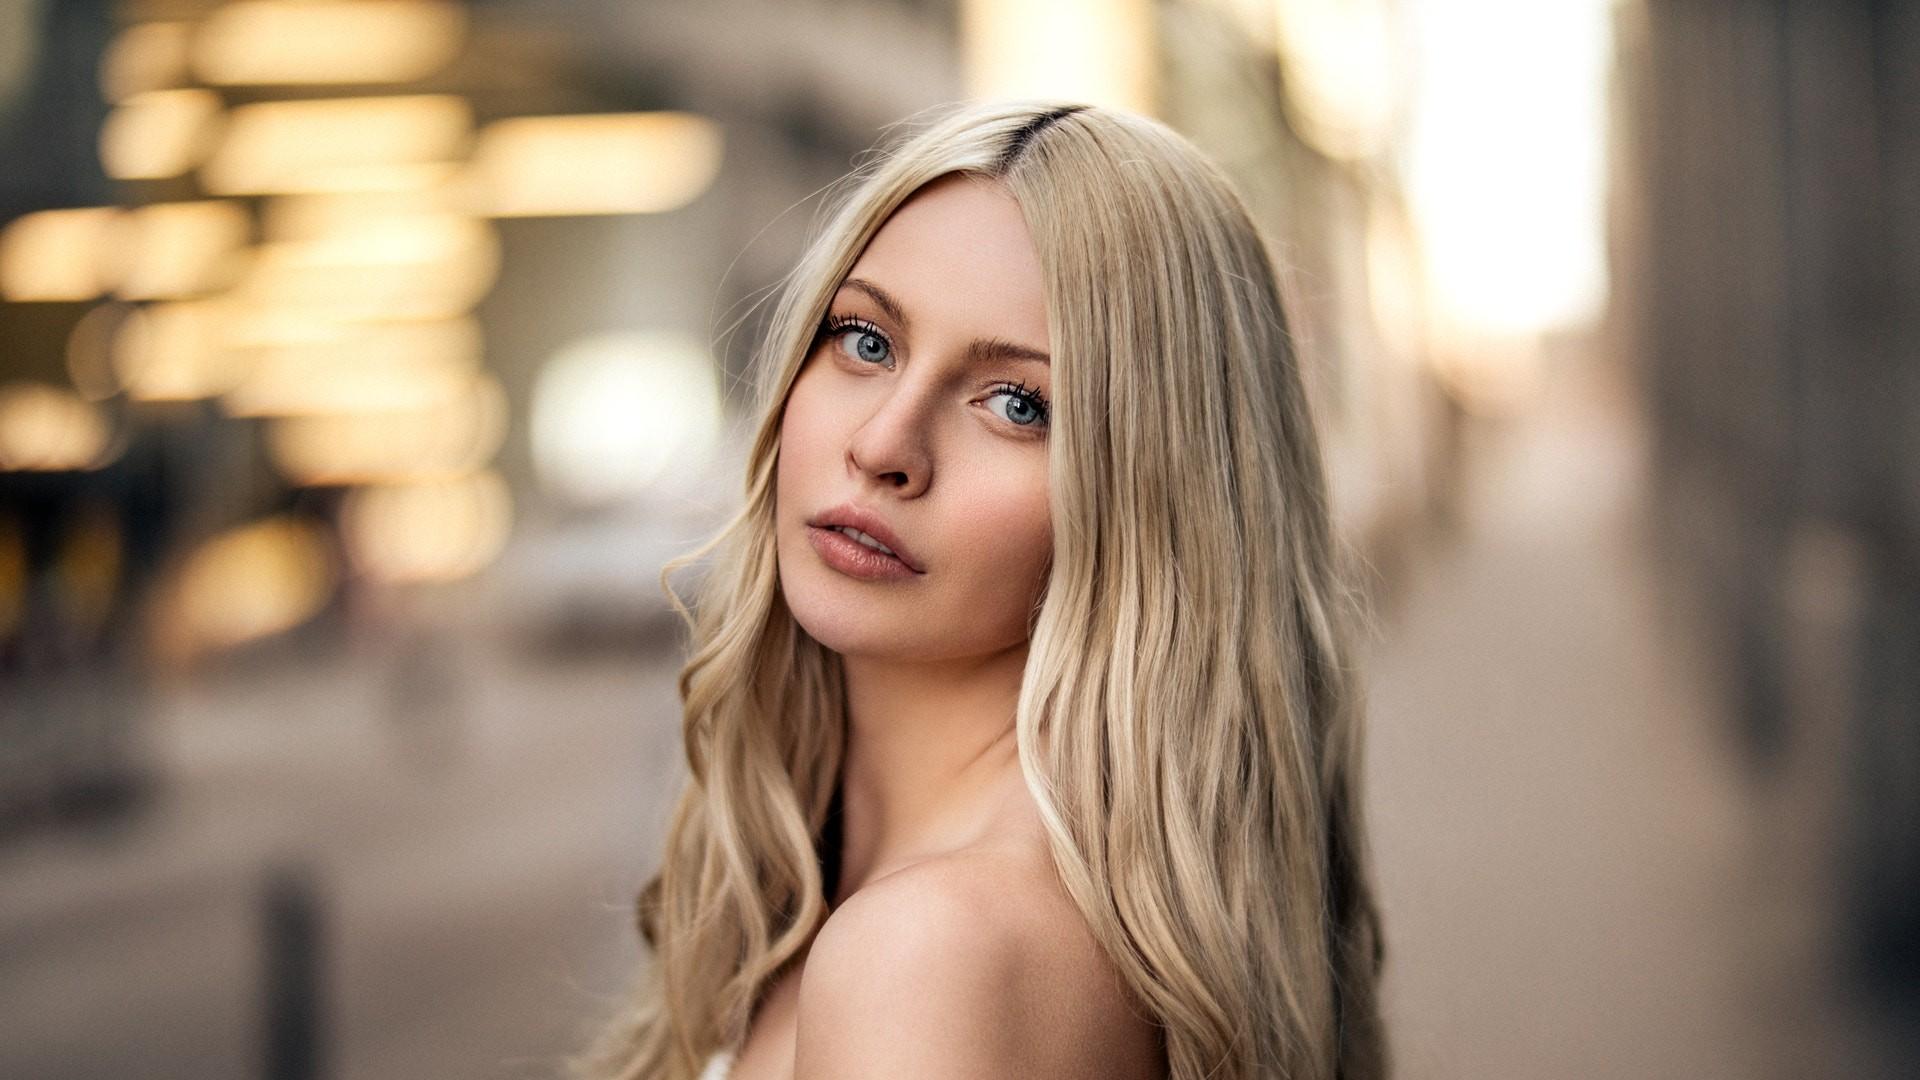 картинки девушек блондинок голиком хочется